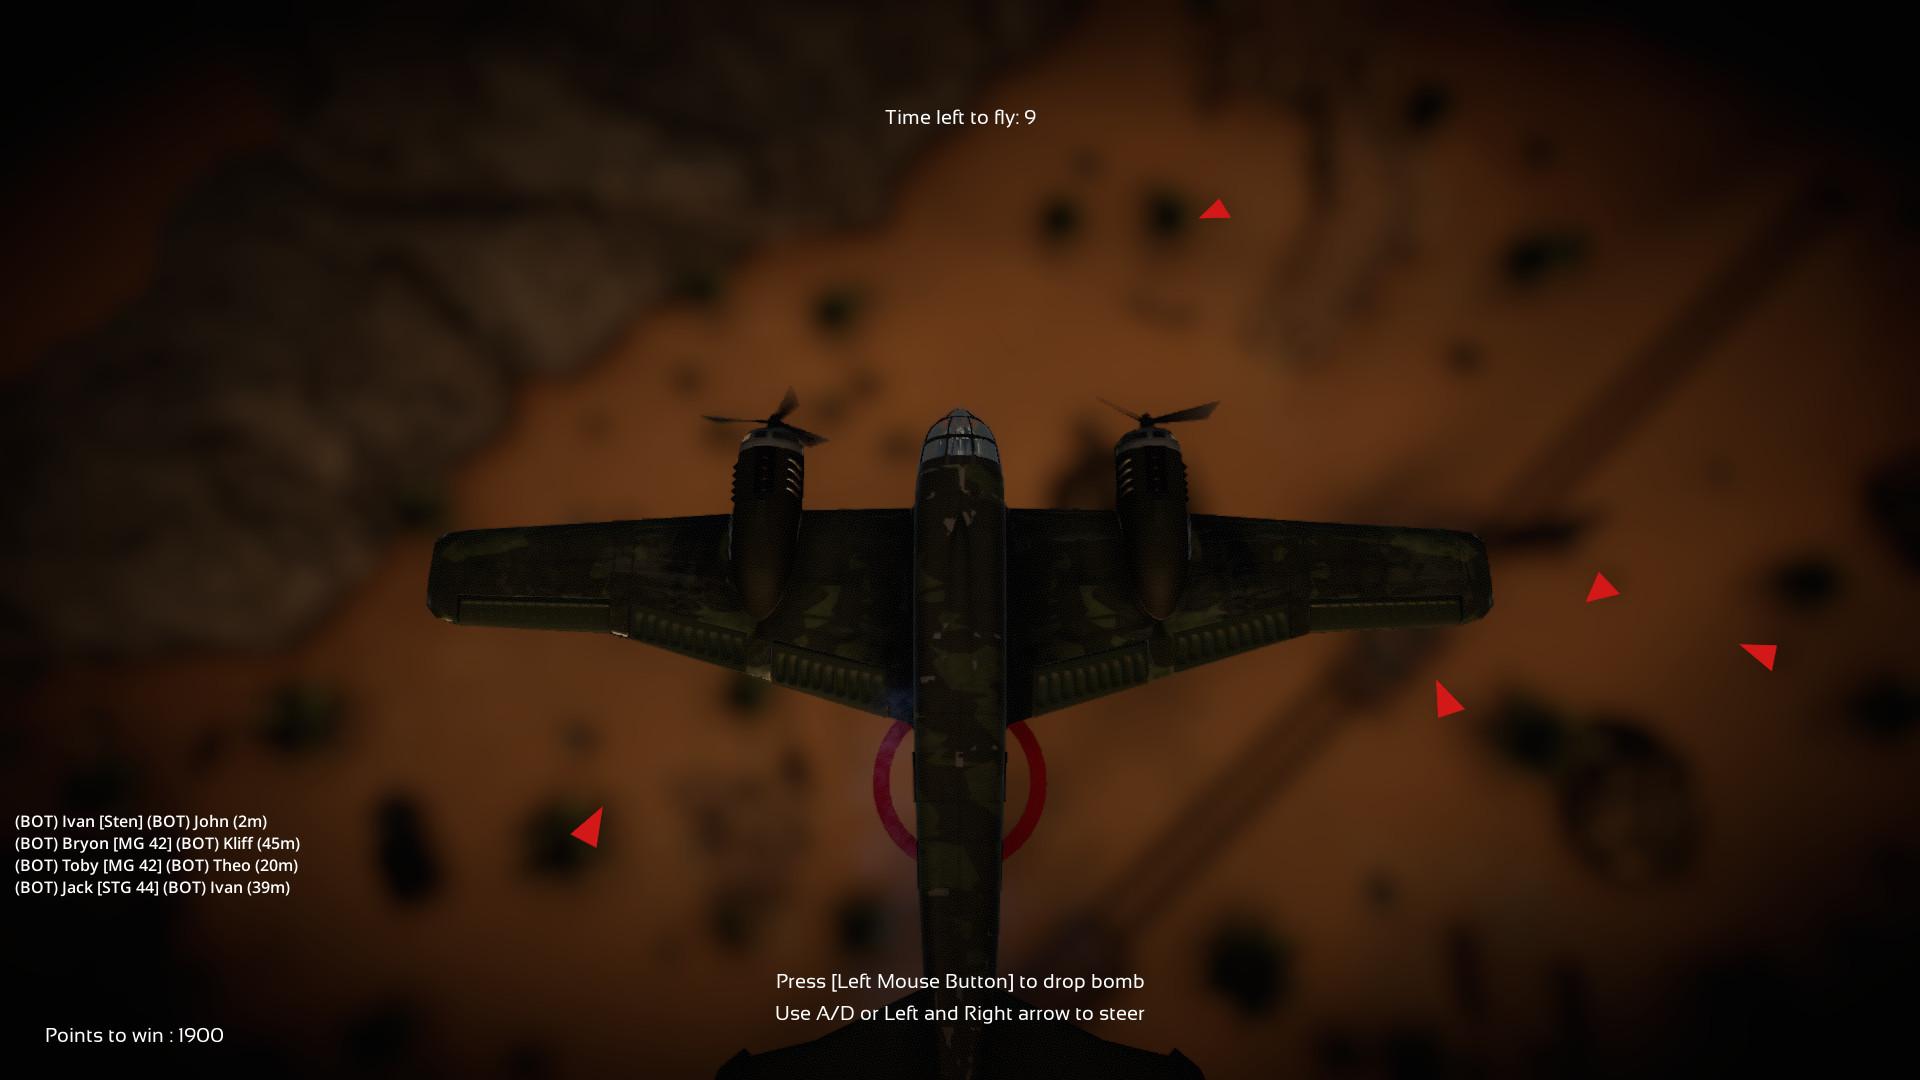 com.steam.926010-screenshot